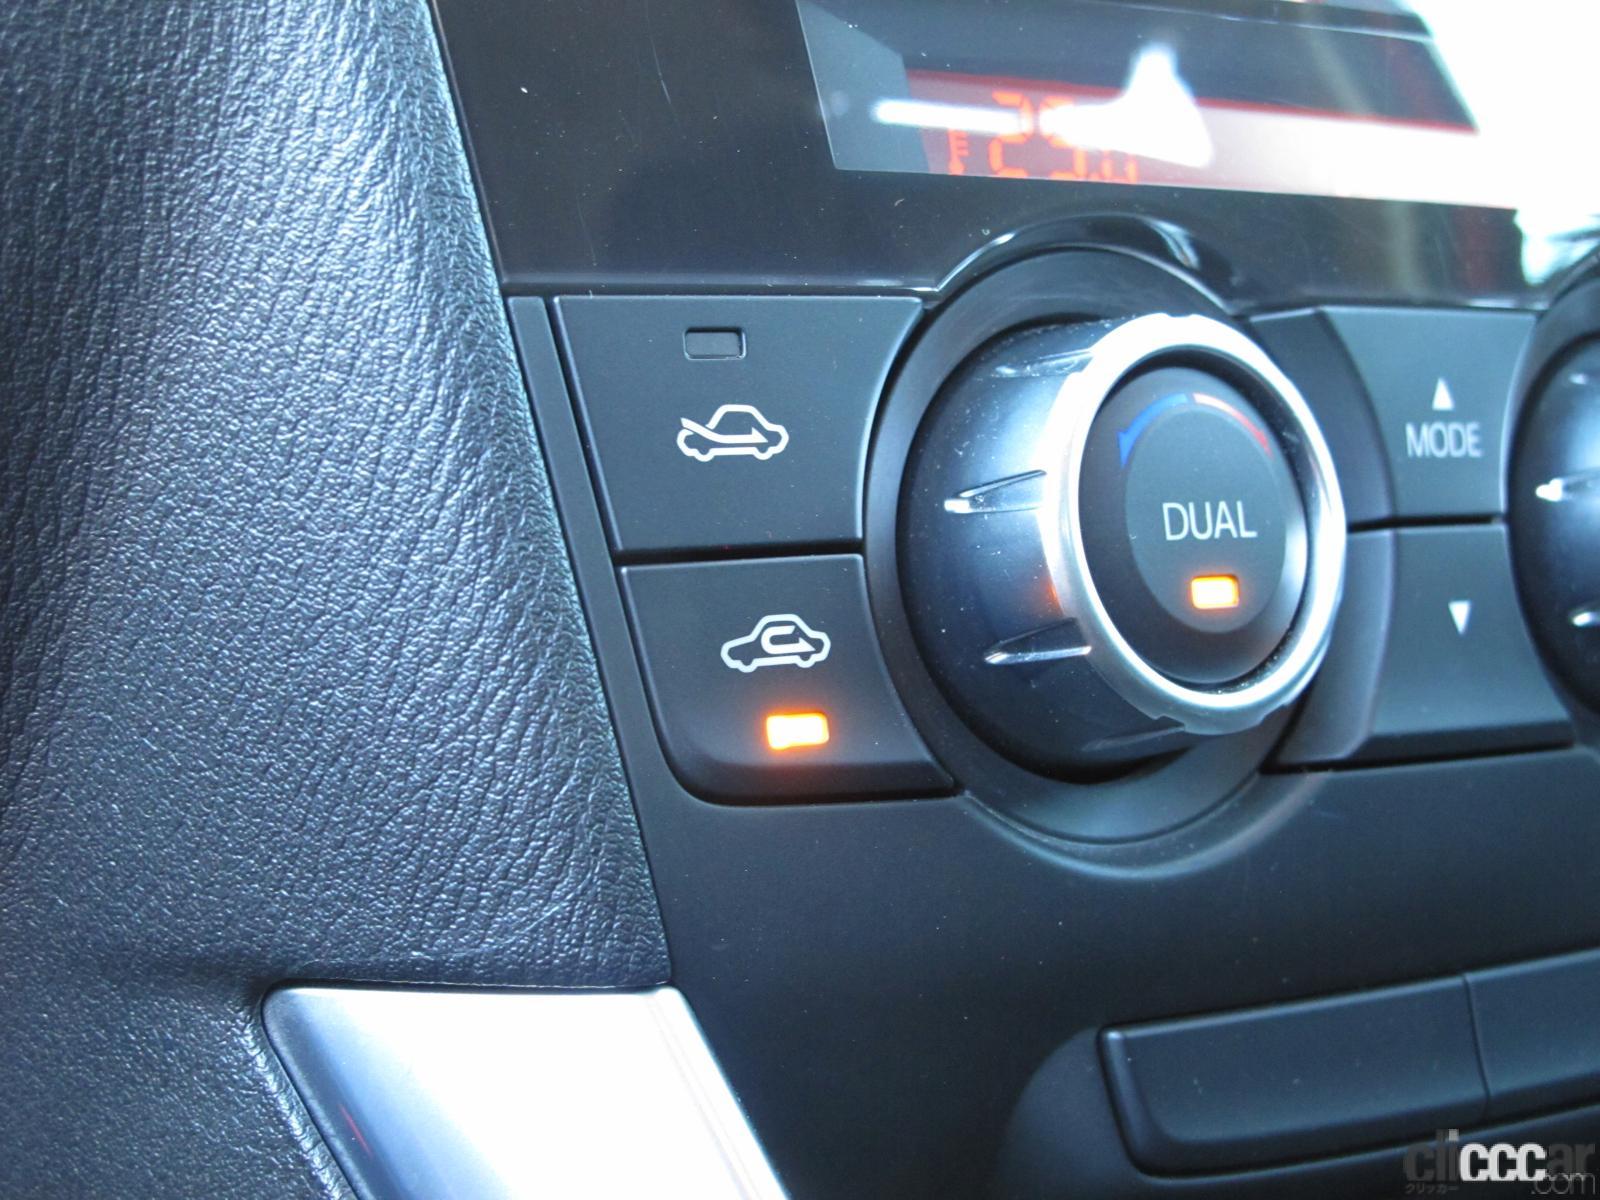 「約5分で快適! 炎天下に駐車後、すぐに車内を冷やす「エアコン」の正しい使い方」の4枚目の画像